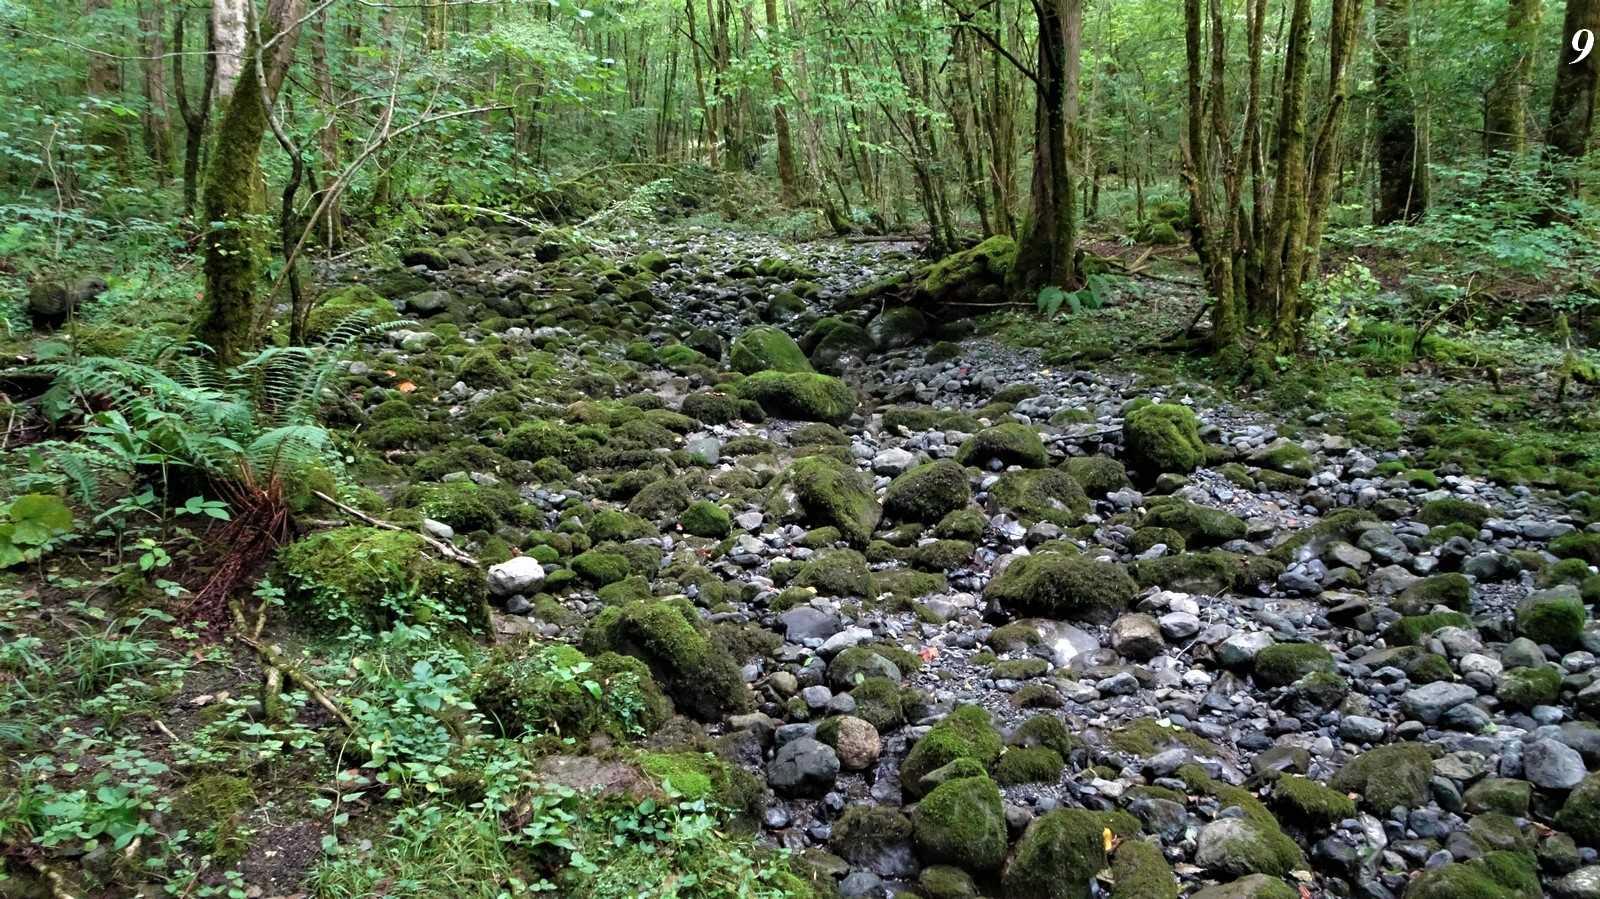 Rivière l'Ourtau asséchée durant plusieurs mois de l'année, du à un terrible gaspillage : aucune régulation sur la prise d'eau de la ville d'Oloron